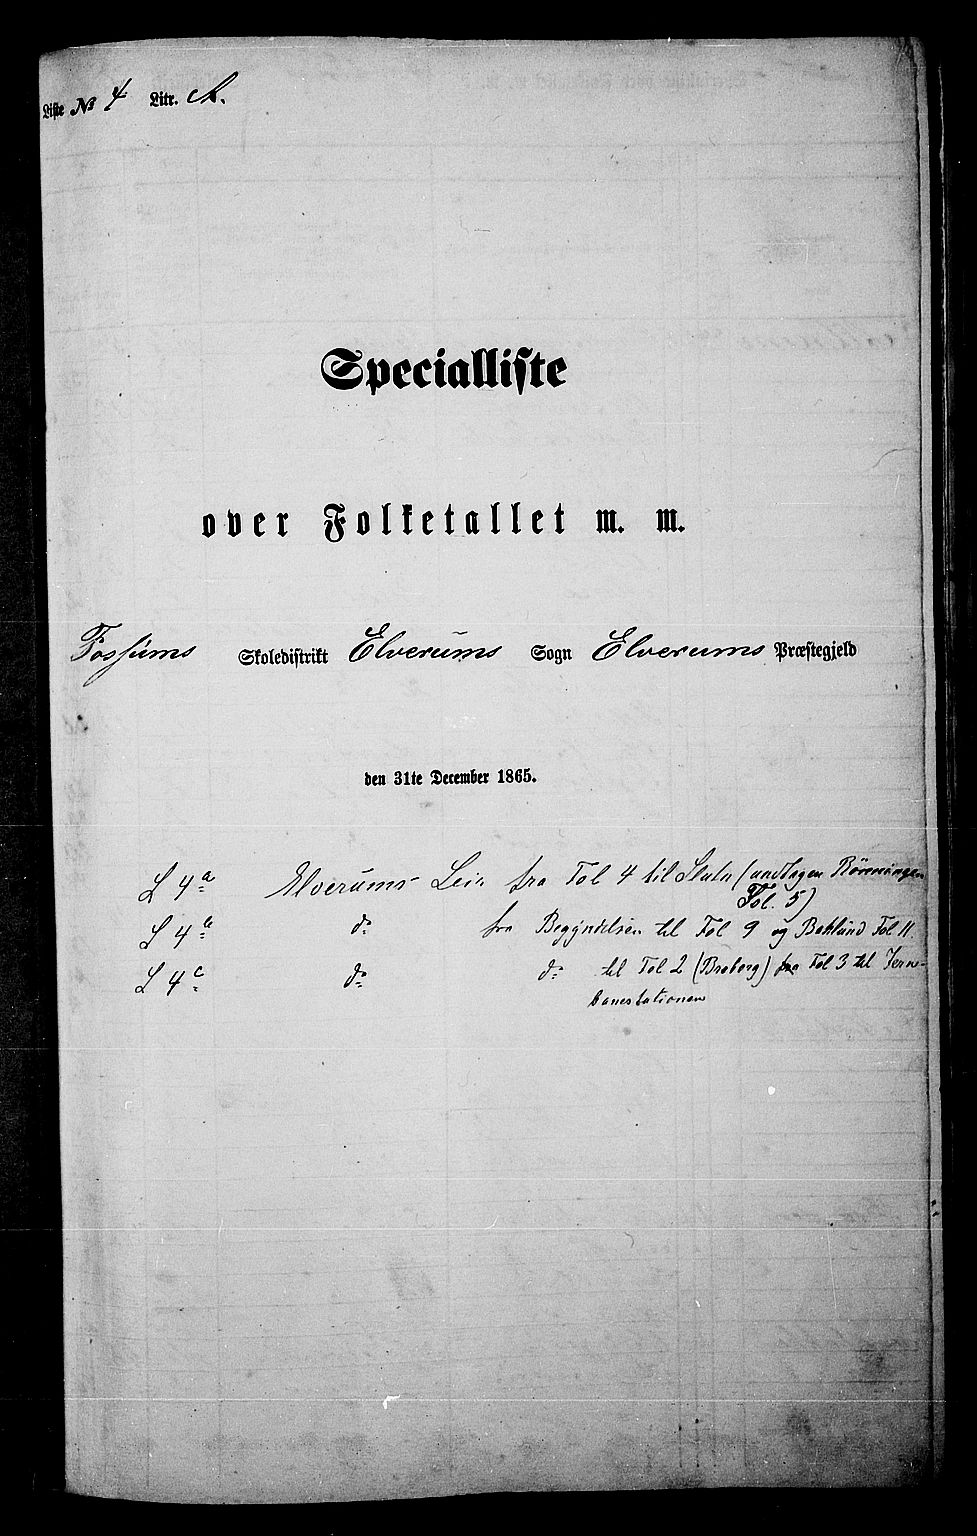 RA, Folketelling 1865 for 0427P Elverum prestegjeld, 1865, s. 86